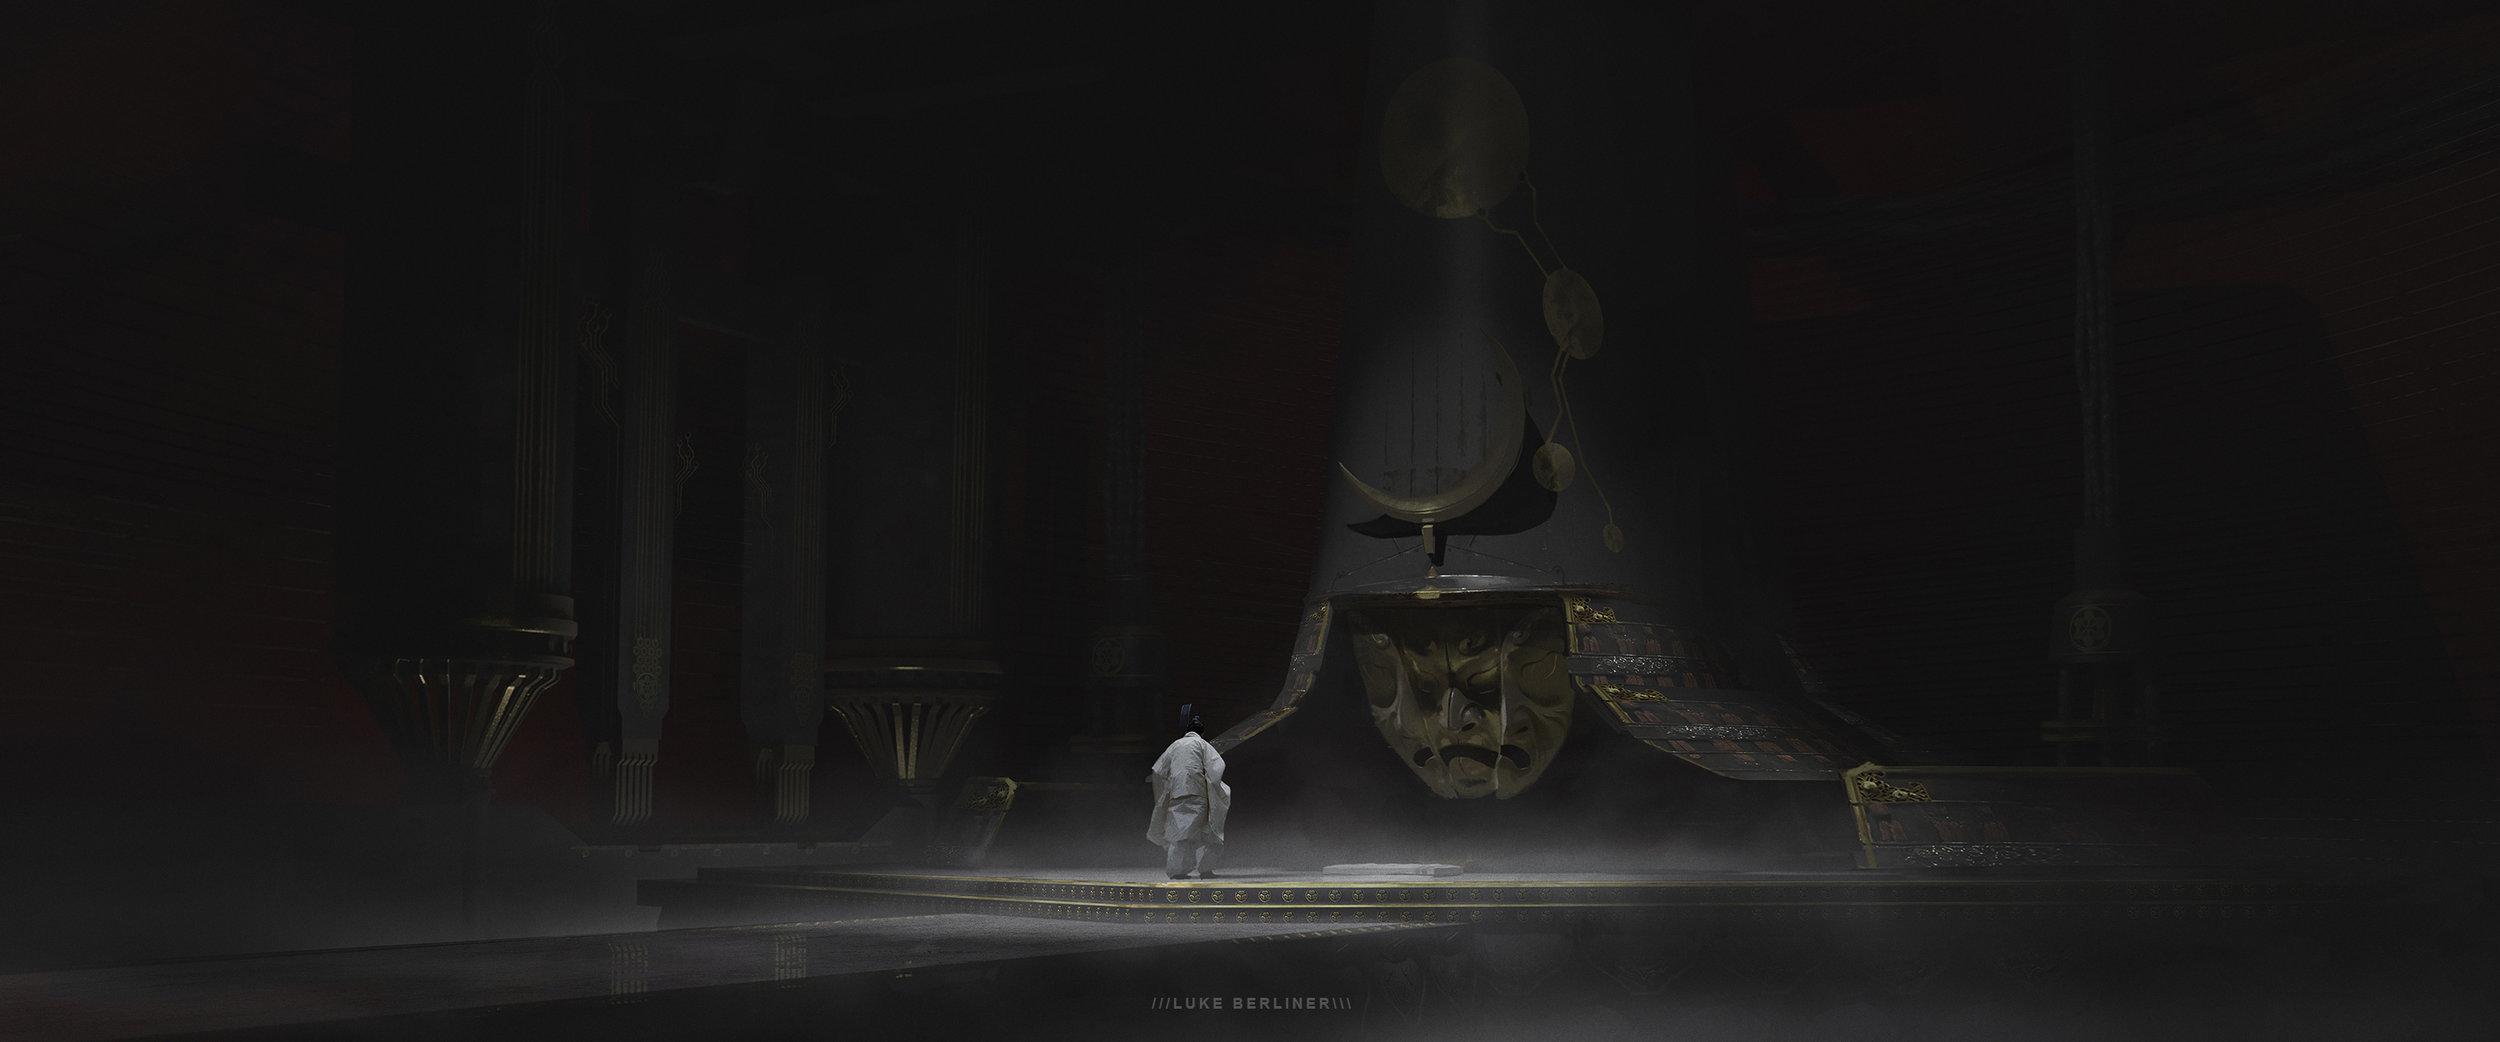 Samurai_LB_002.jpg